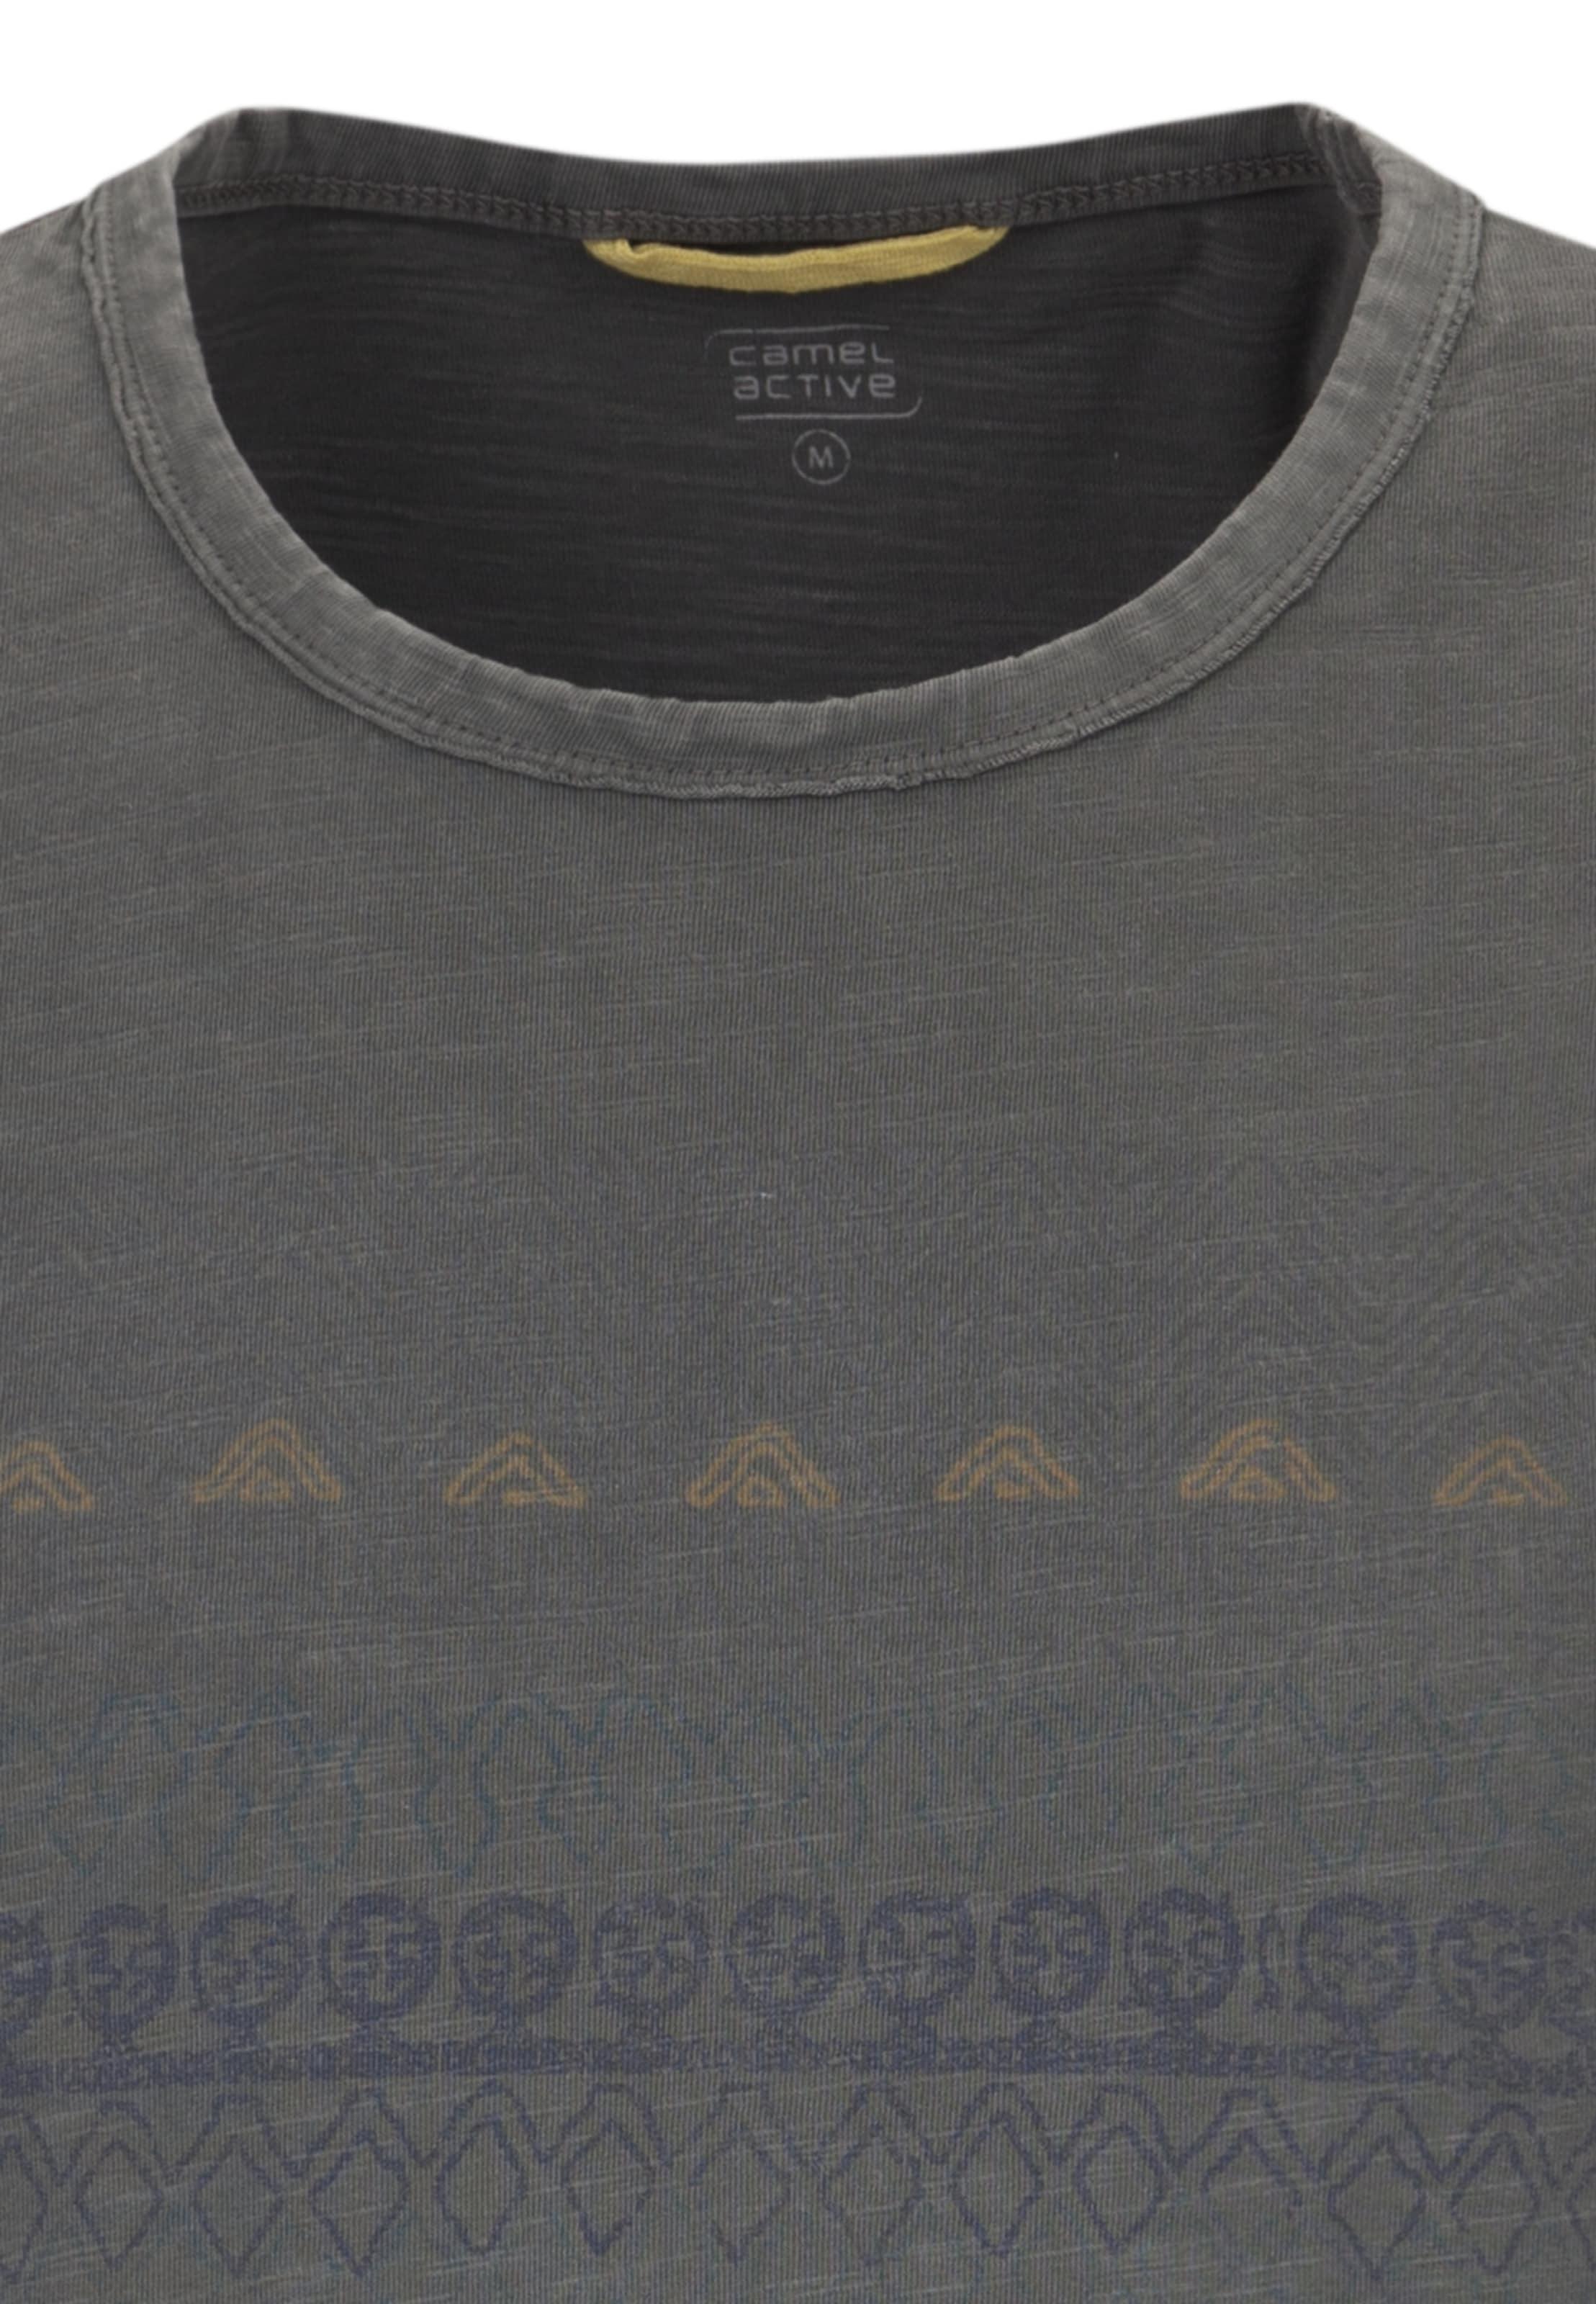 En Foncé shirt T Camel Active BleuMoutarde Gris ARj45L